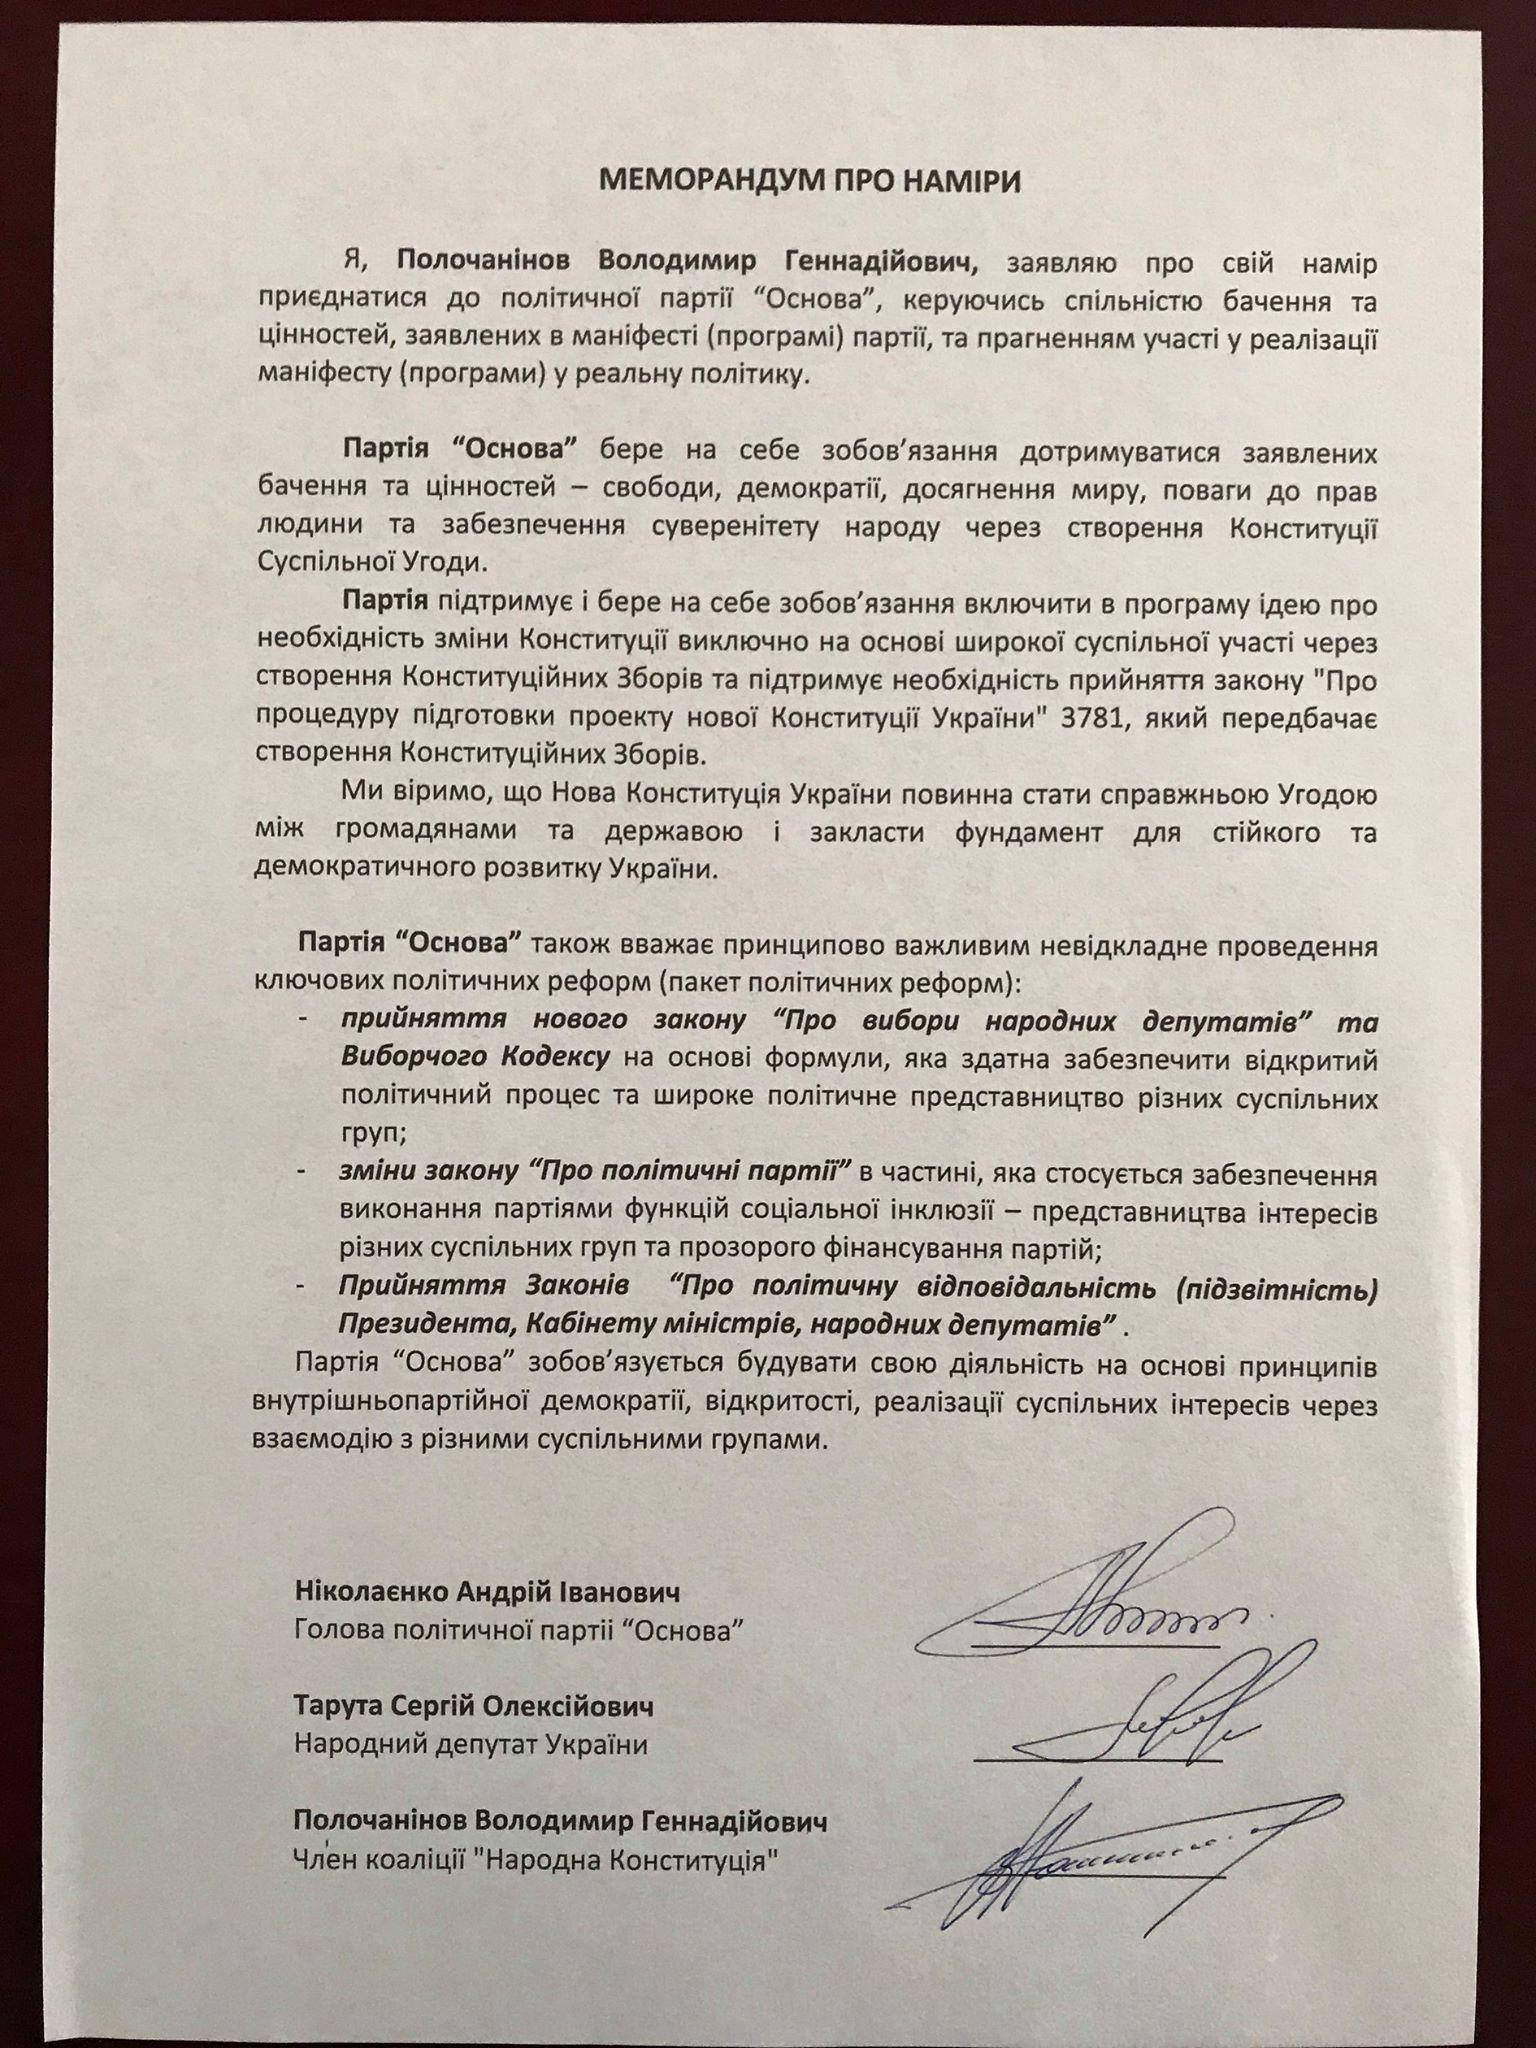 Появились первые подробности конституционной реформы